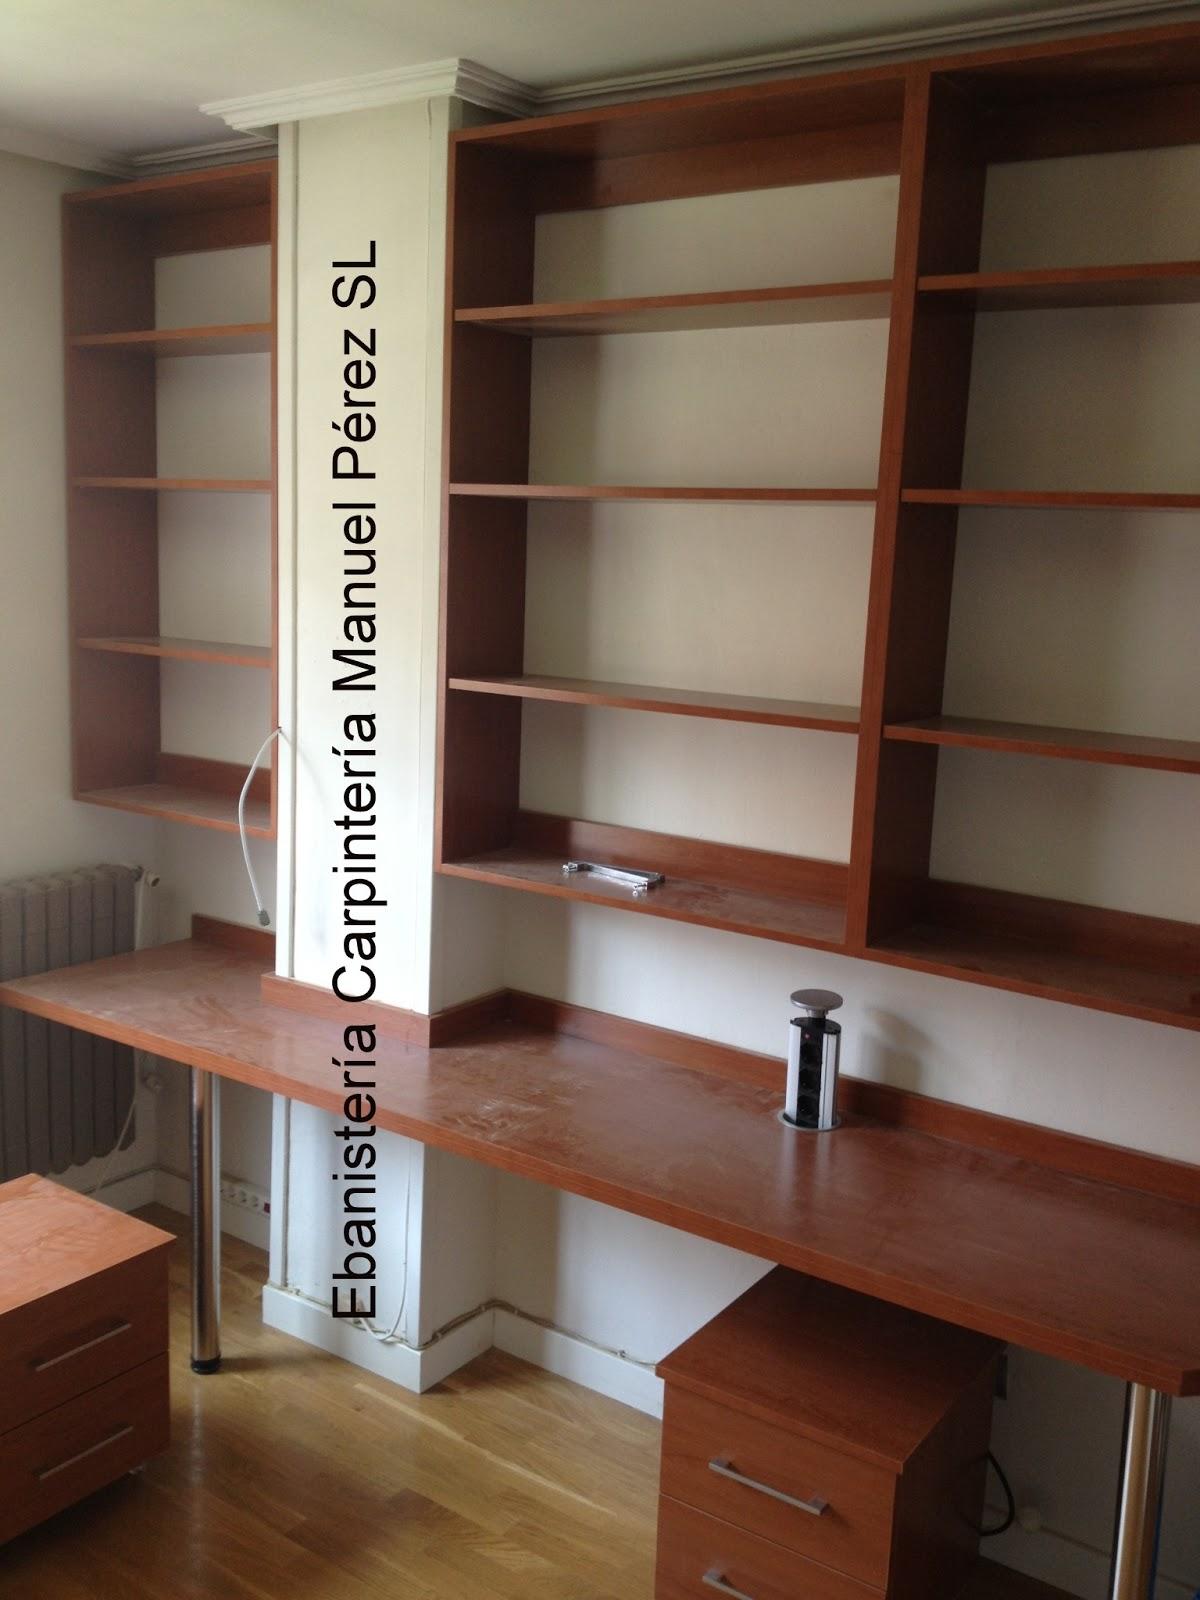 Ebanisteria carpinteria manuel perez zaragoza - Precio habitacion juvenil ...